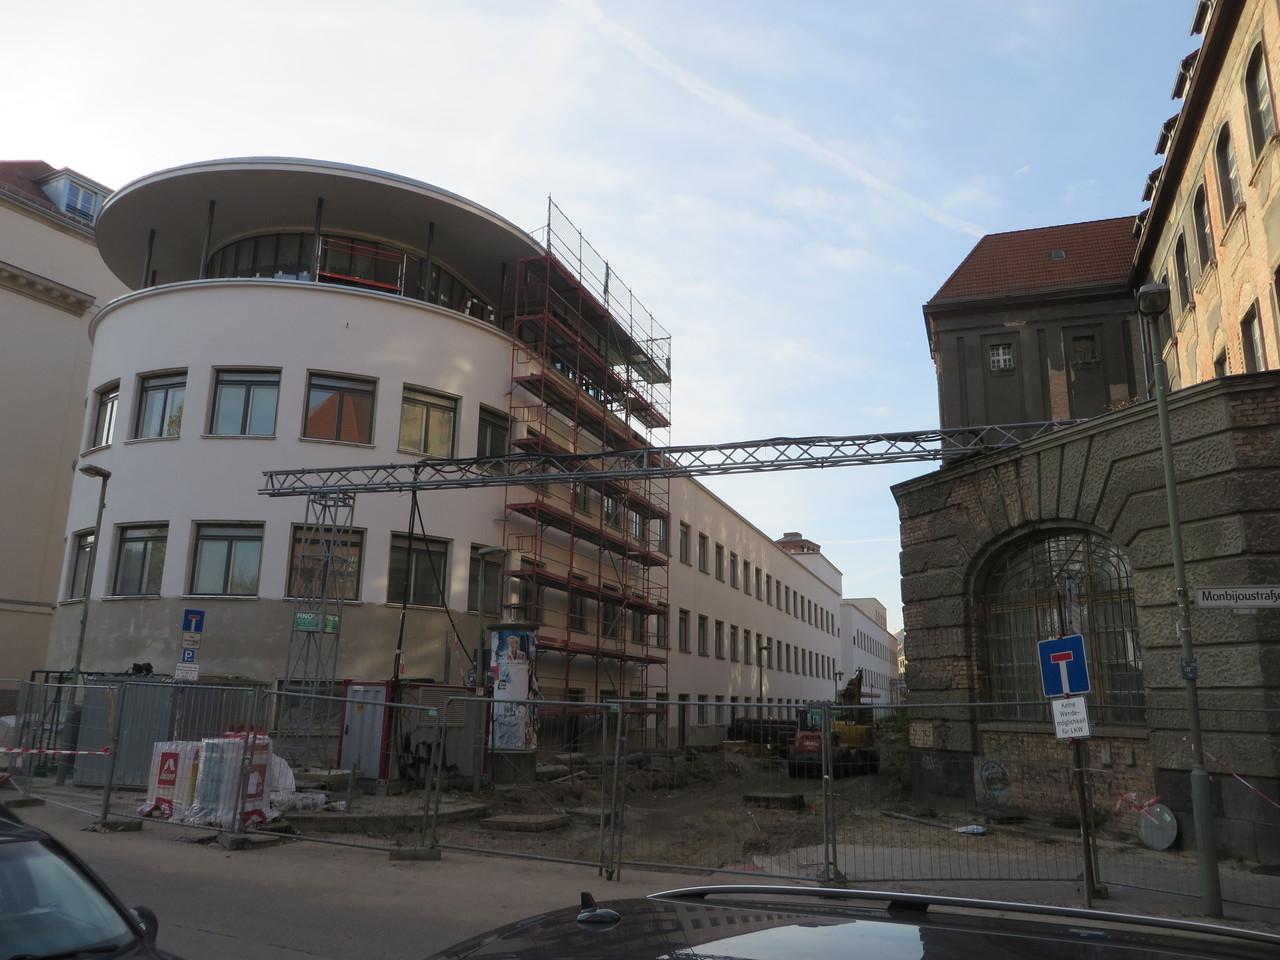 Bauhaus Oranienburg bauhaus oranienburg bauhaus oranienburg gemeinsam bauen und